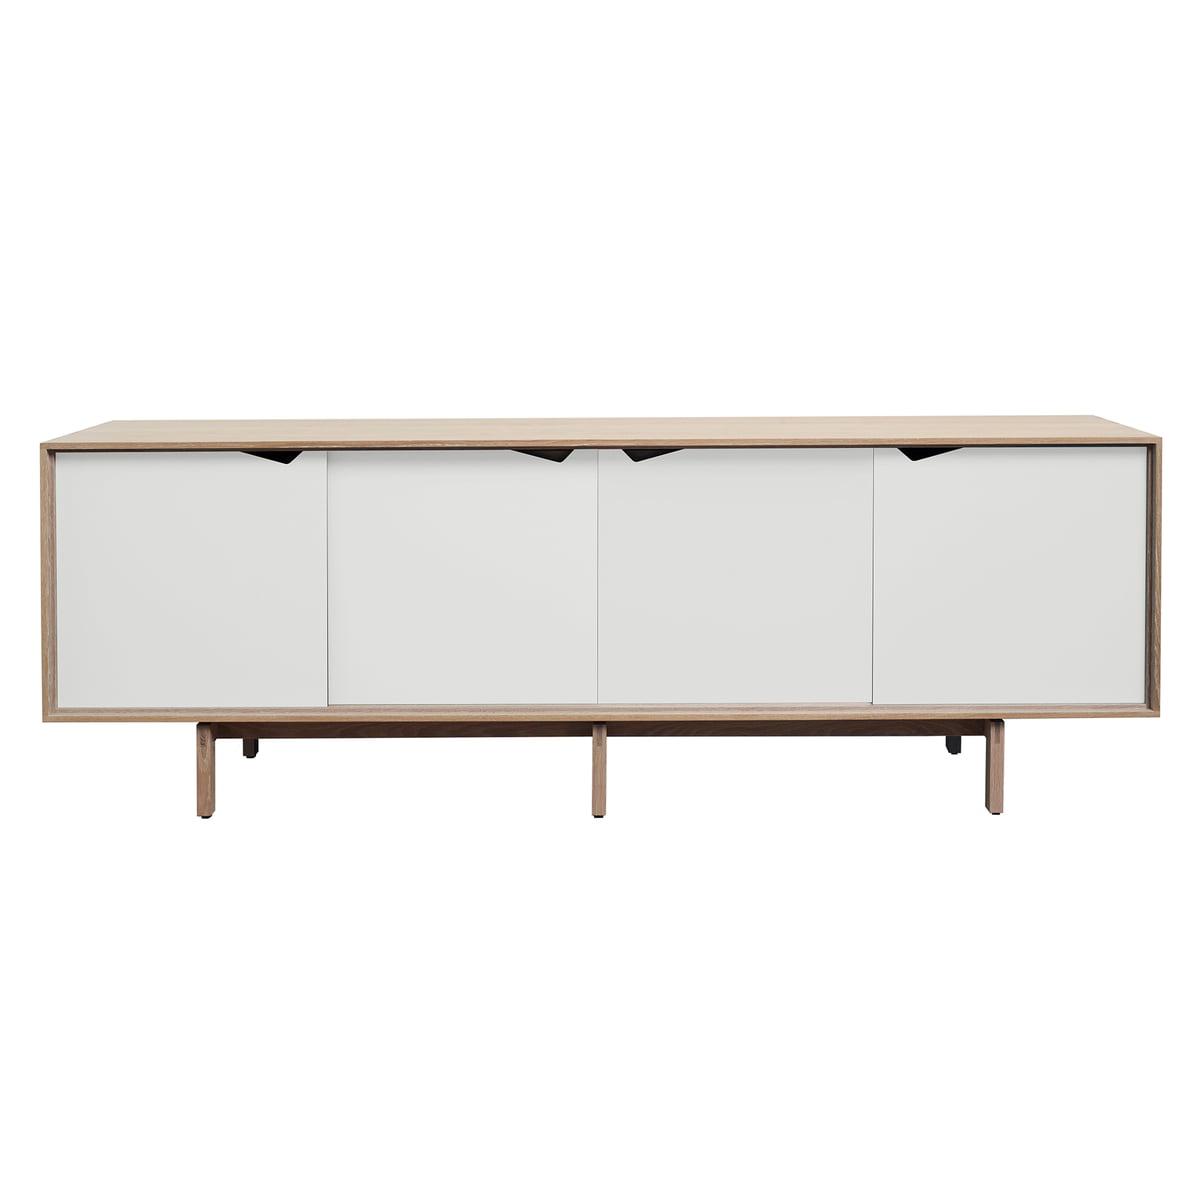 cheap beautiful s sideboard von andersen furniture in eiche geseift tren wei with sideboard eiche wei with eiche wei